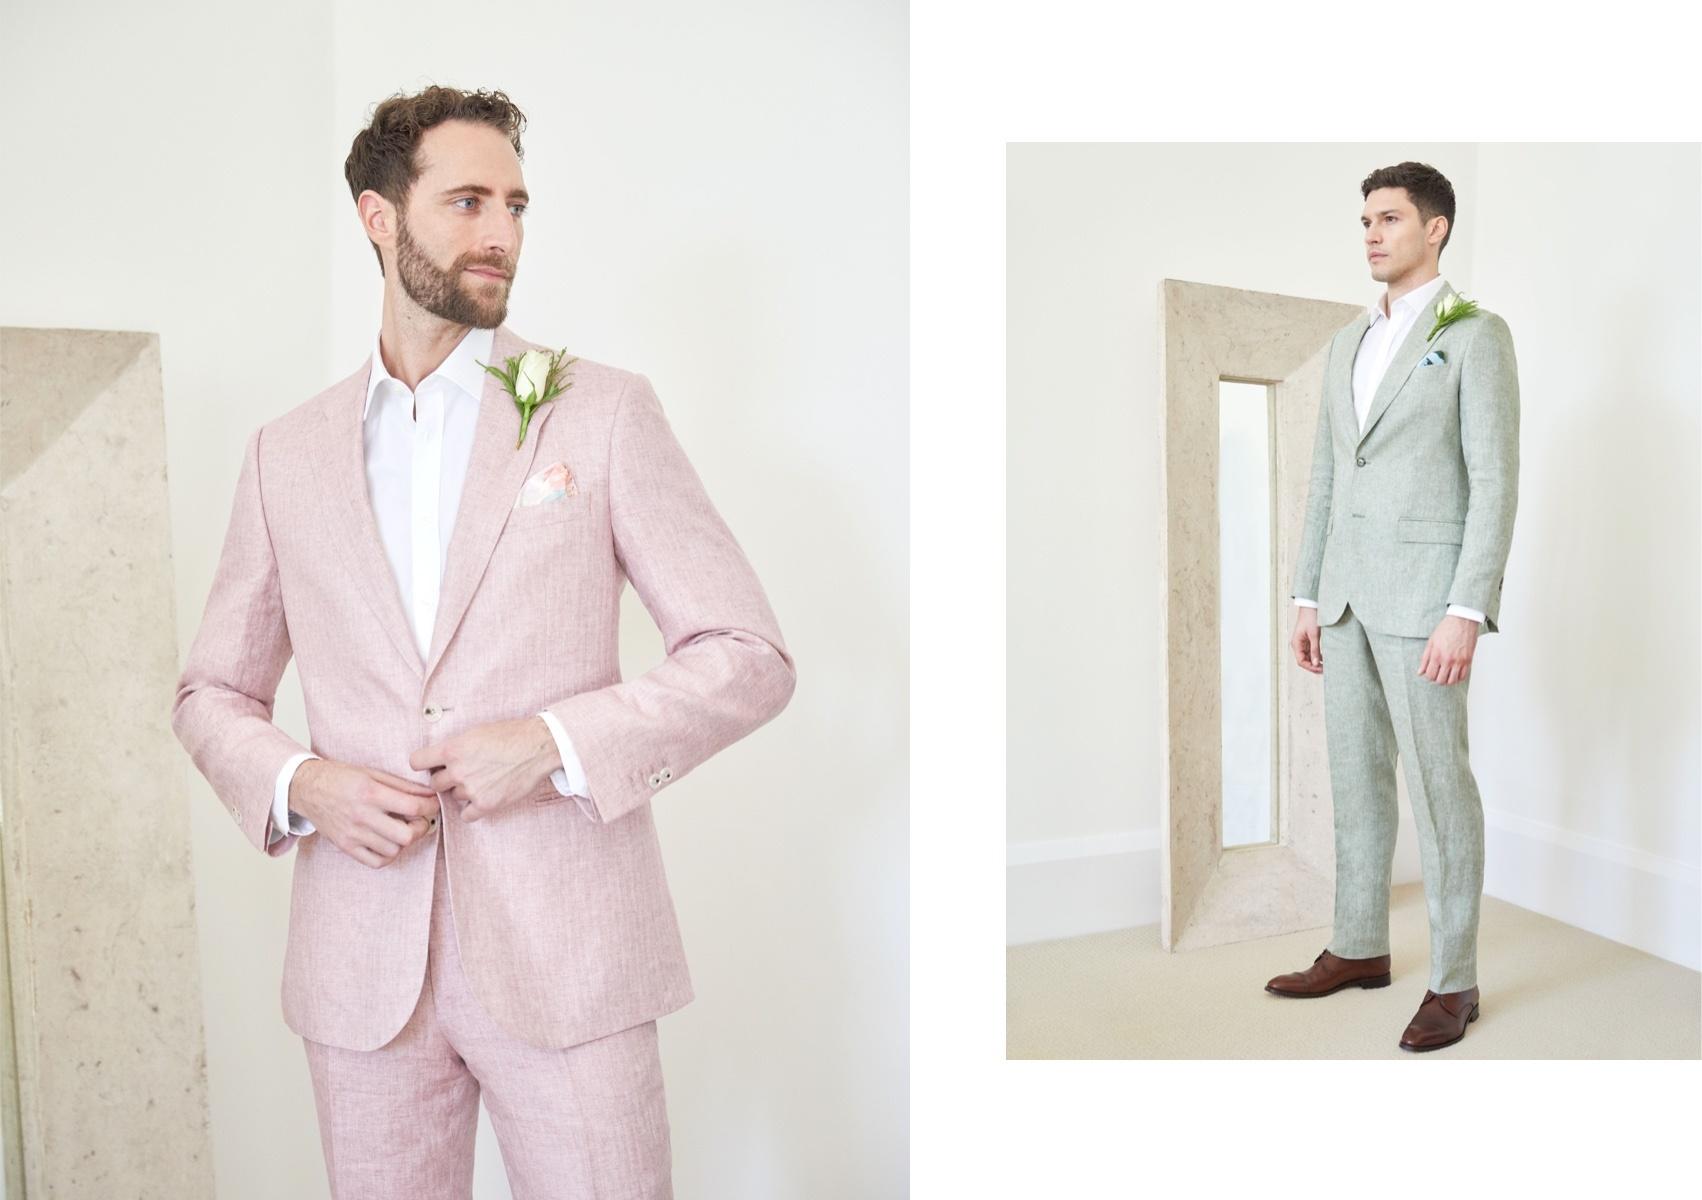 Luxurious Linen Suits